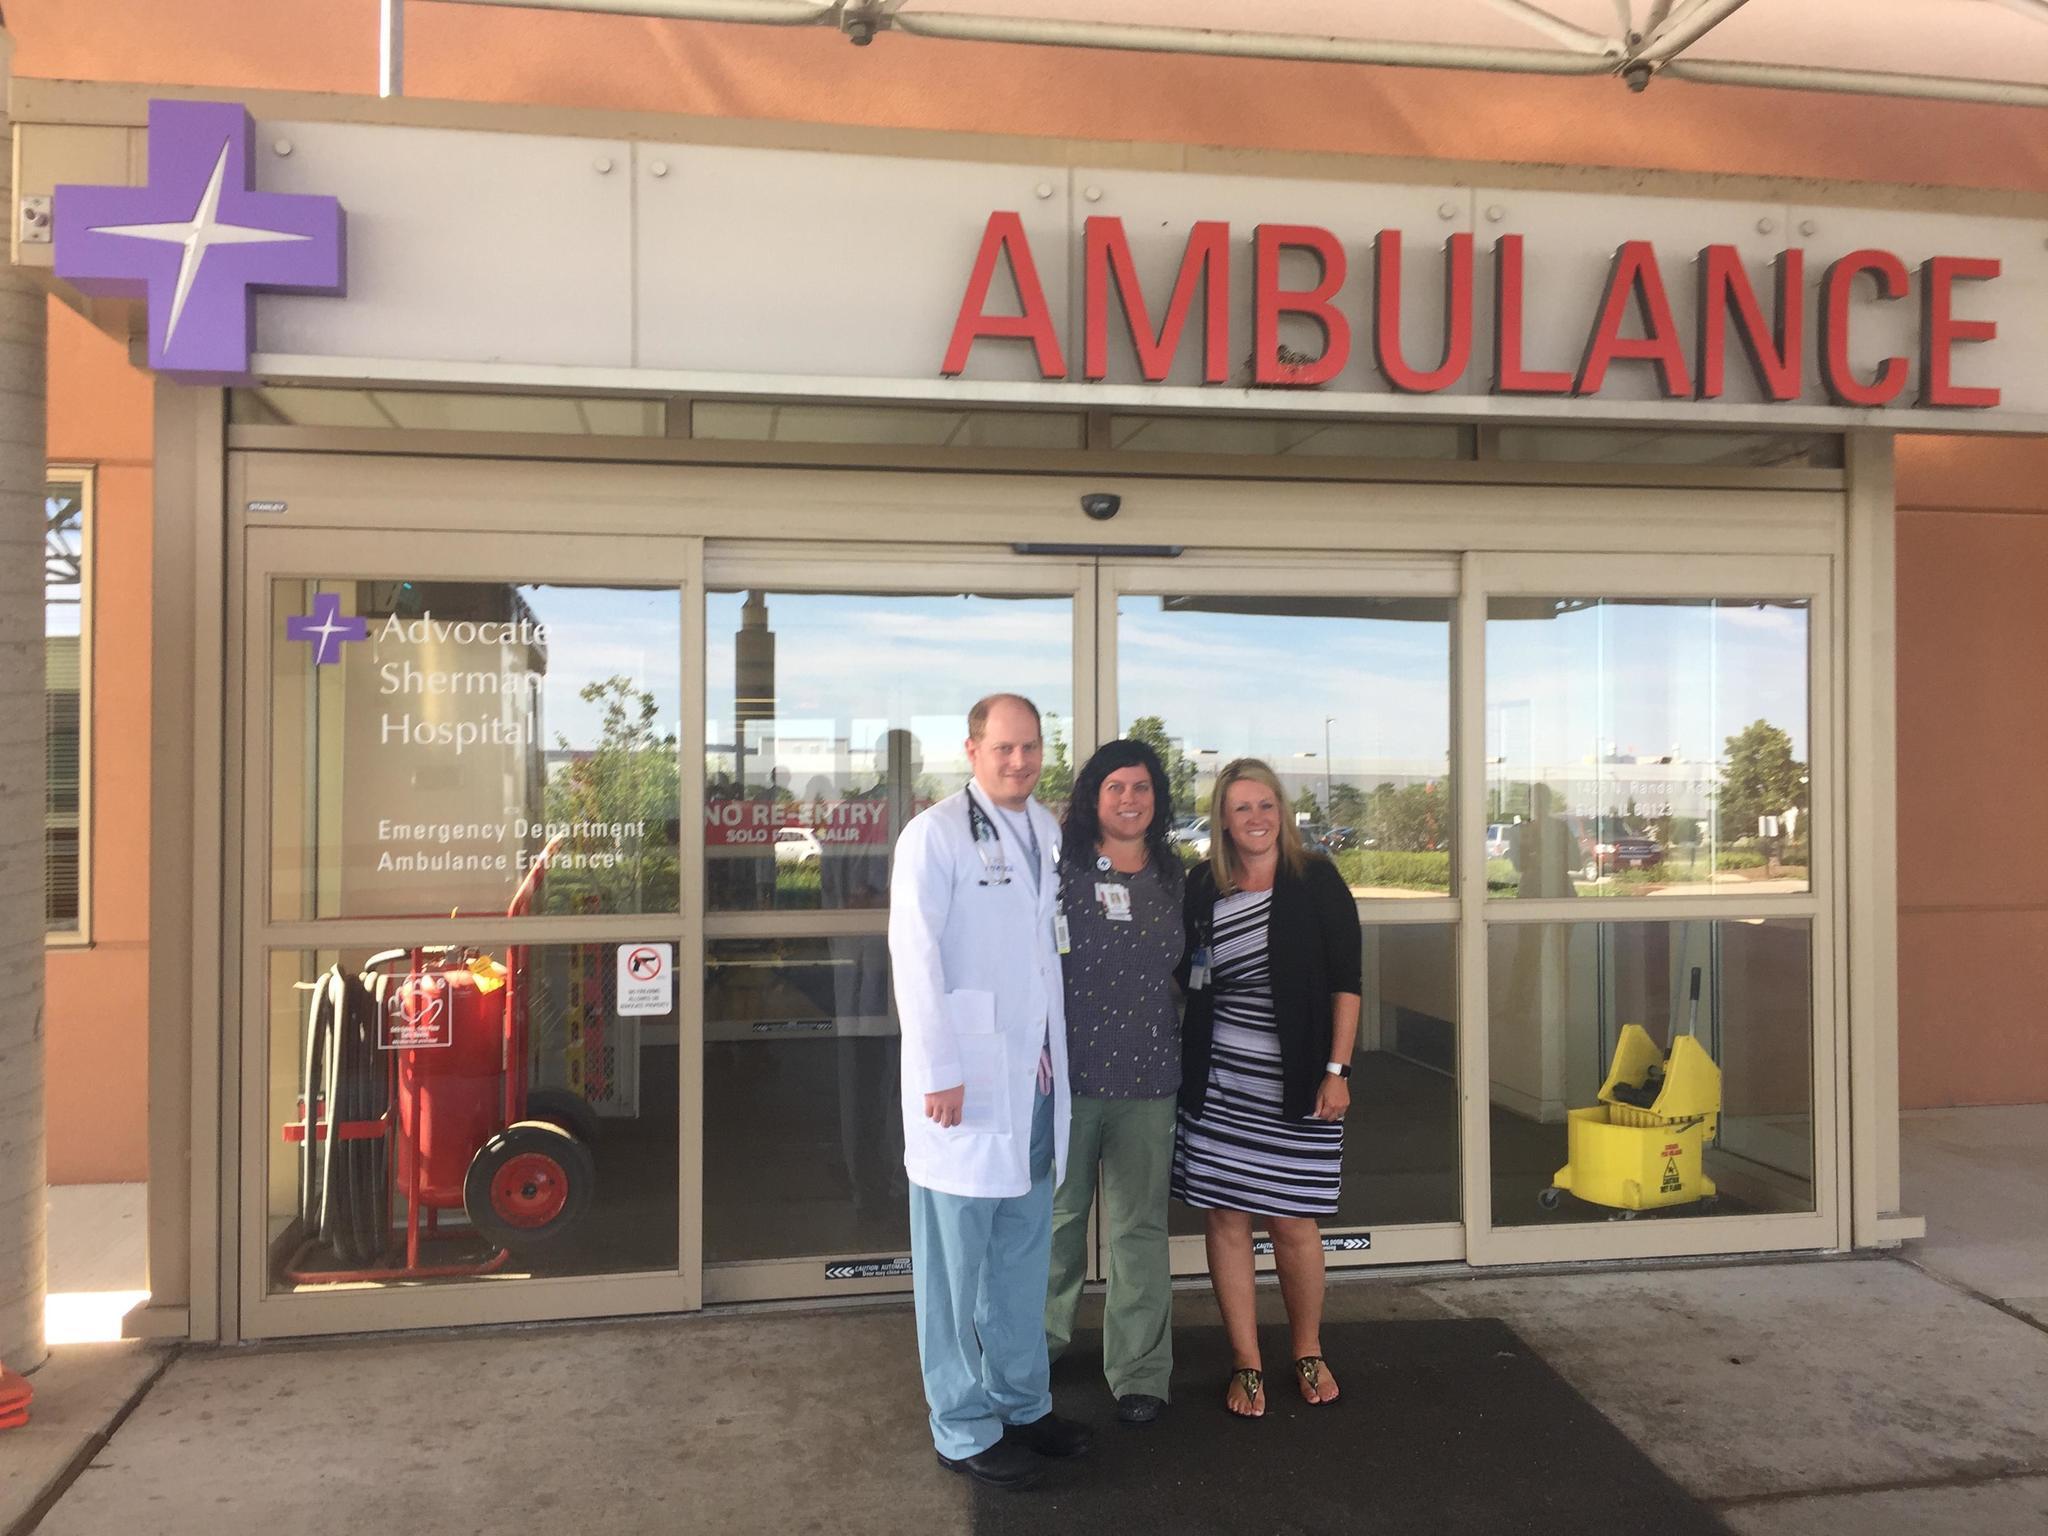 Good Samaritan Hospital Emergency Room Downers Grove